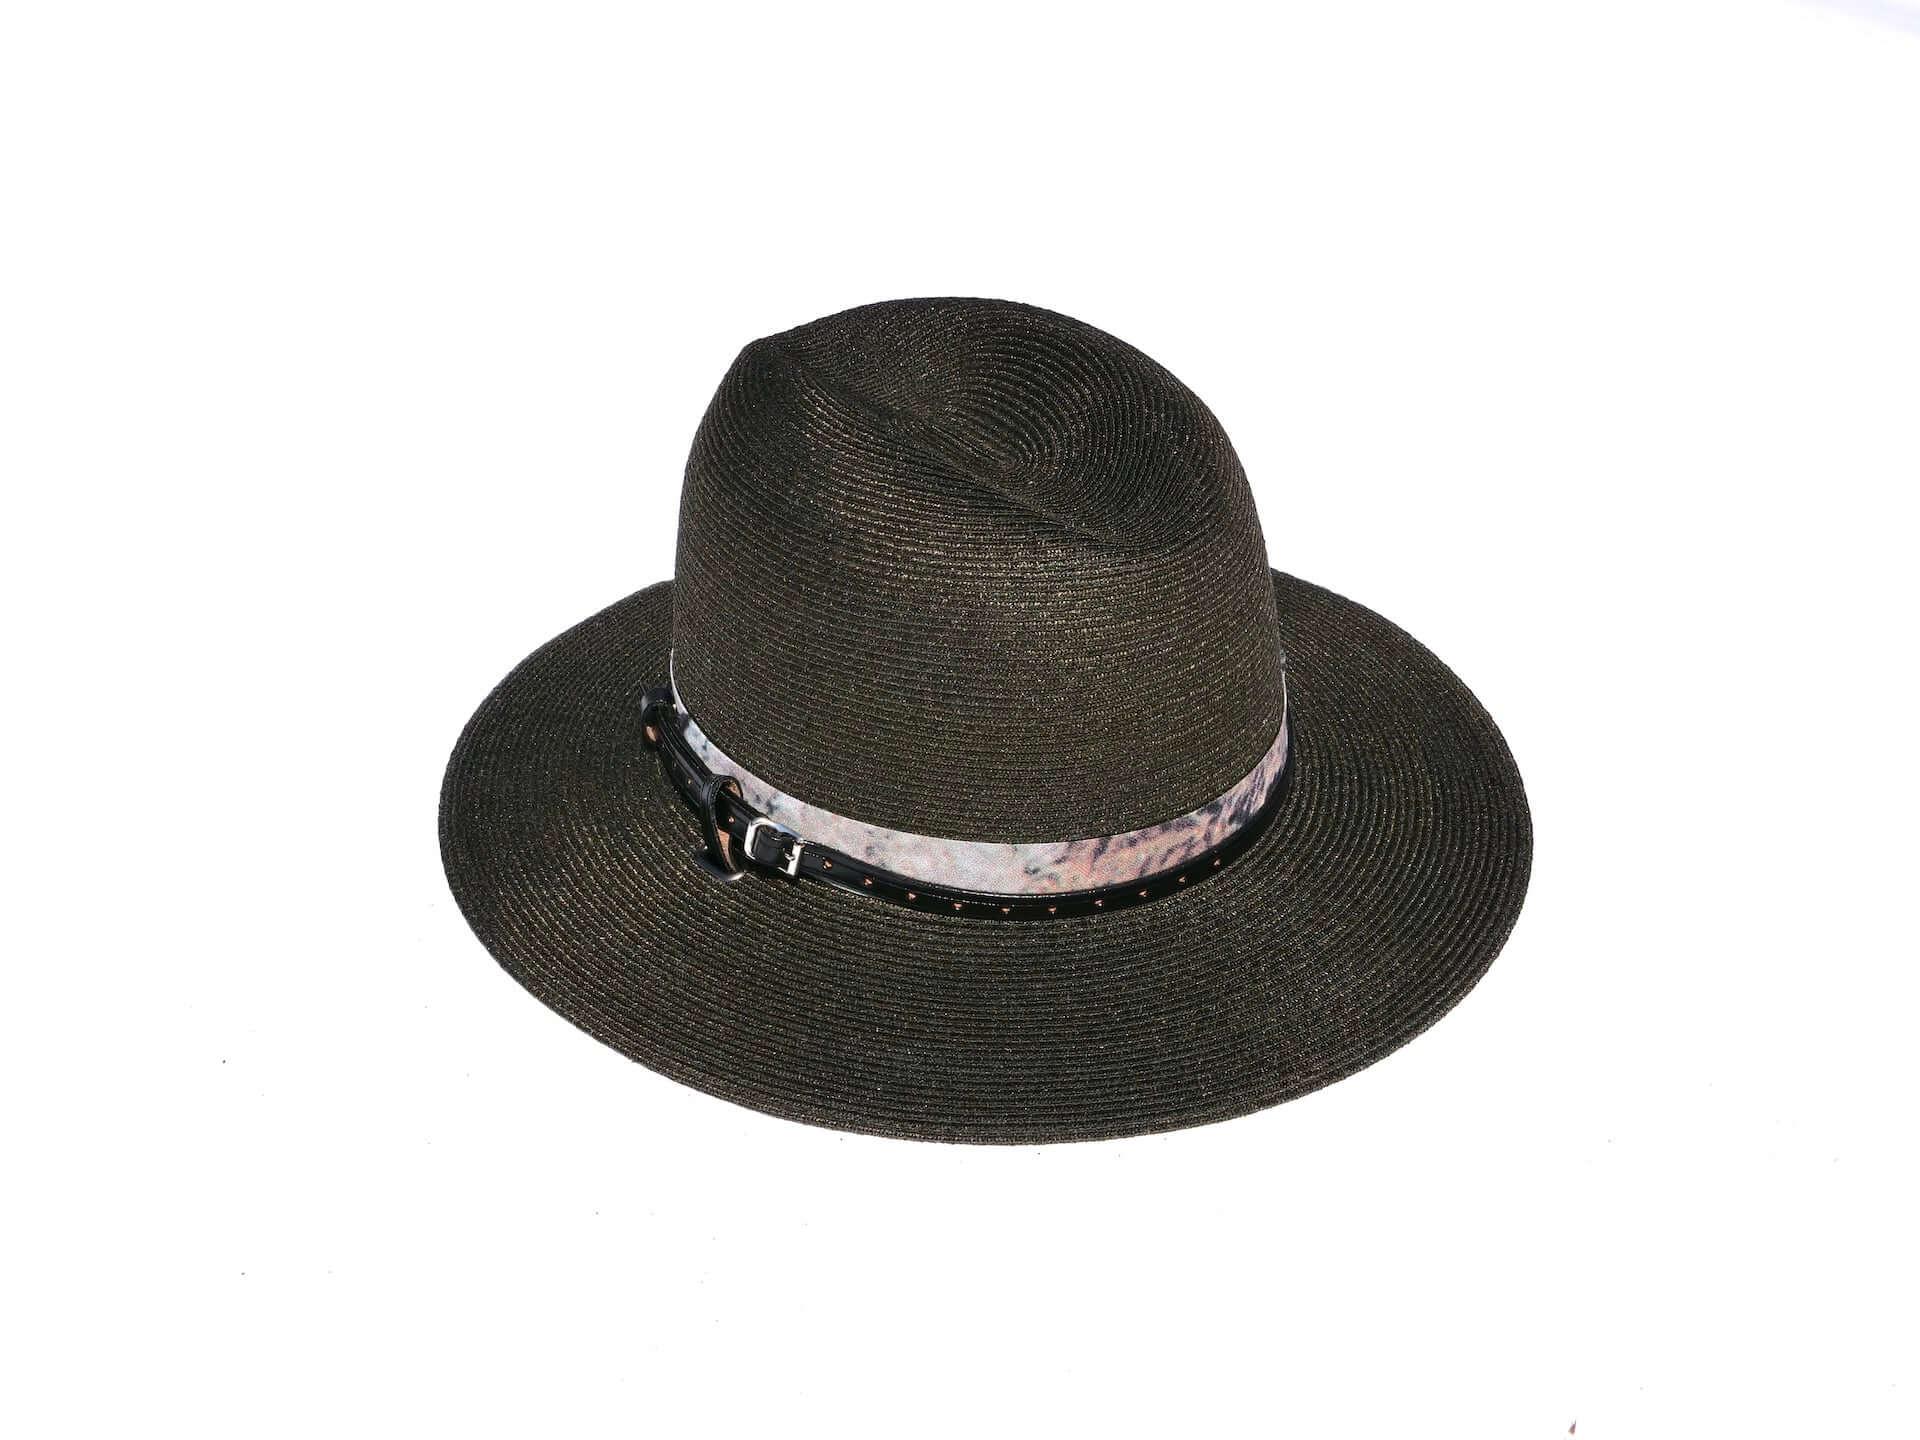 新たな帽子ブランド「Jerry Wander」に現代的レンジャーハットが登場!WAGAMAMA TOKYOとの別注モデルも life200408_jerrywander_8-1920x1440